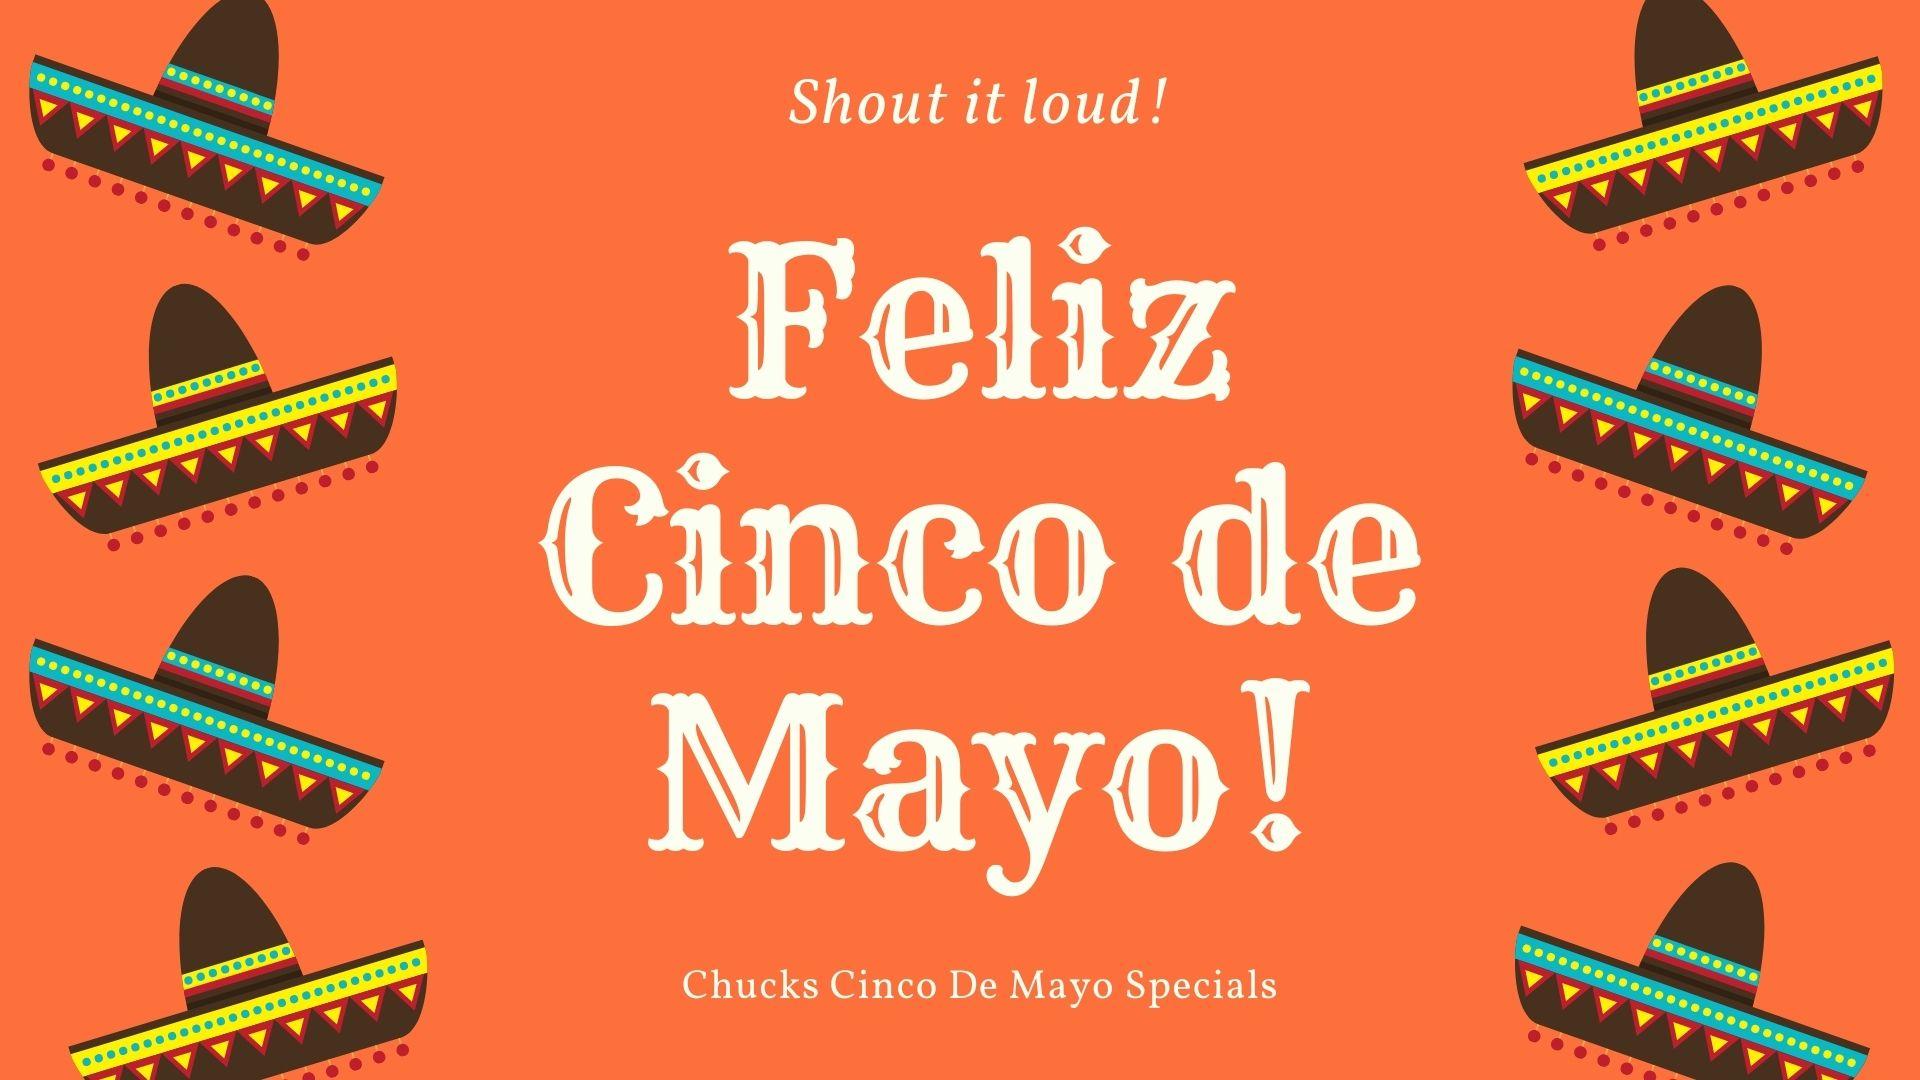 Chuck's Cinco de Mayo Dine-In Specials